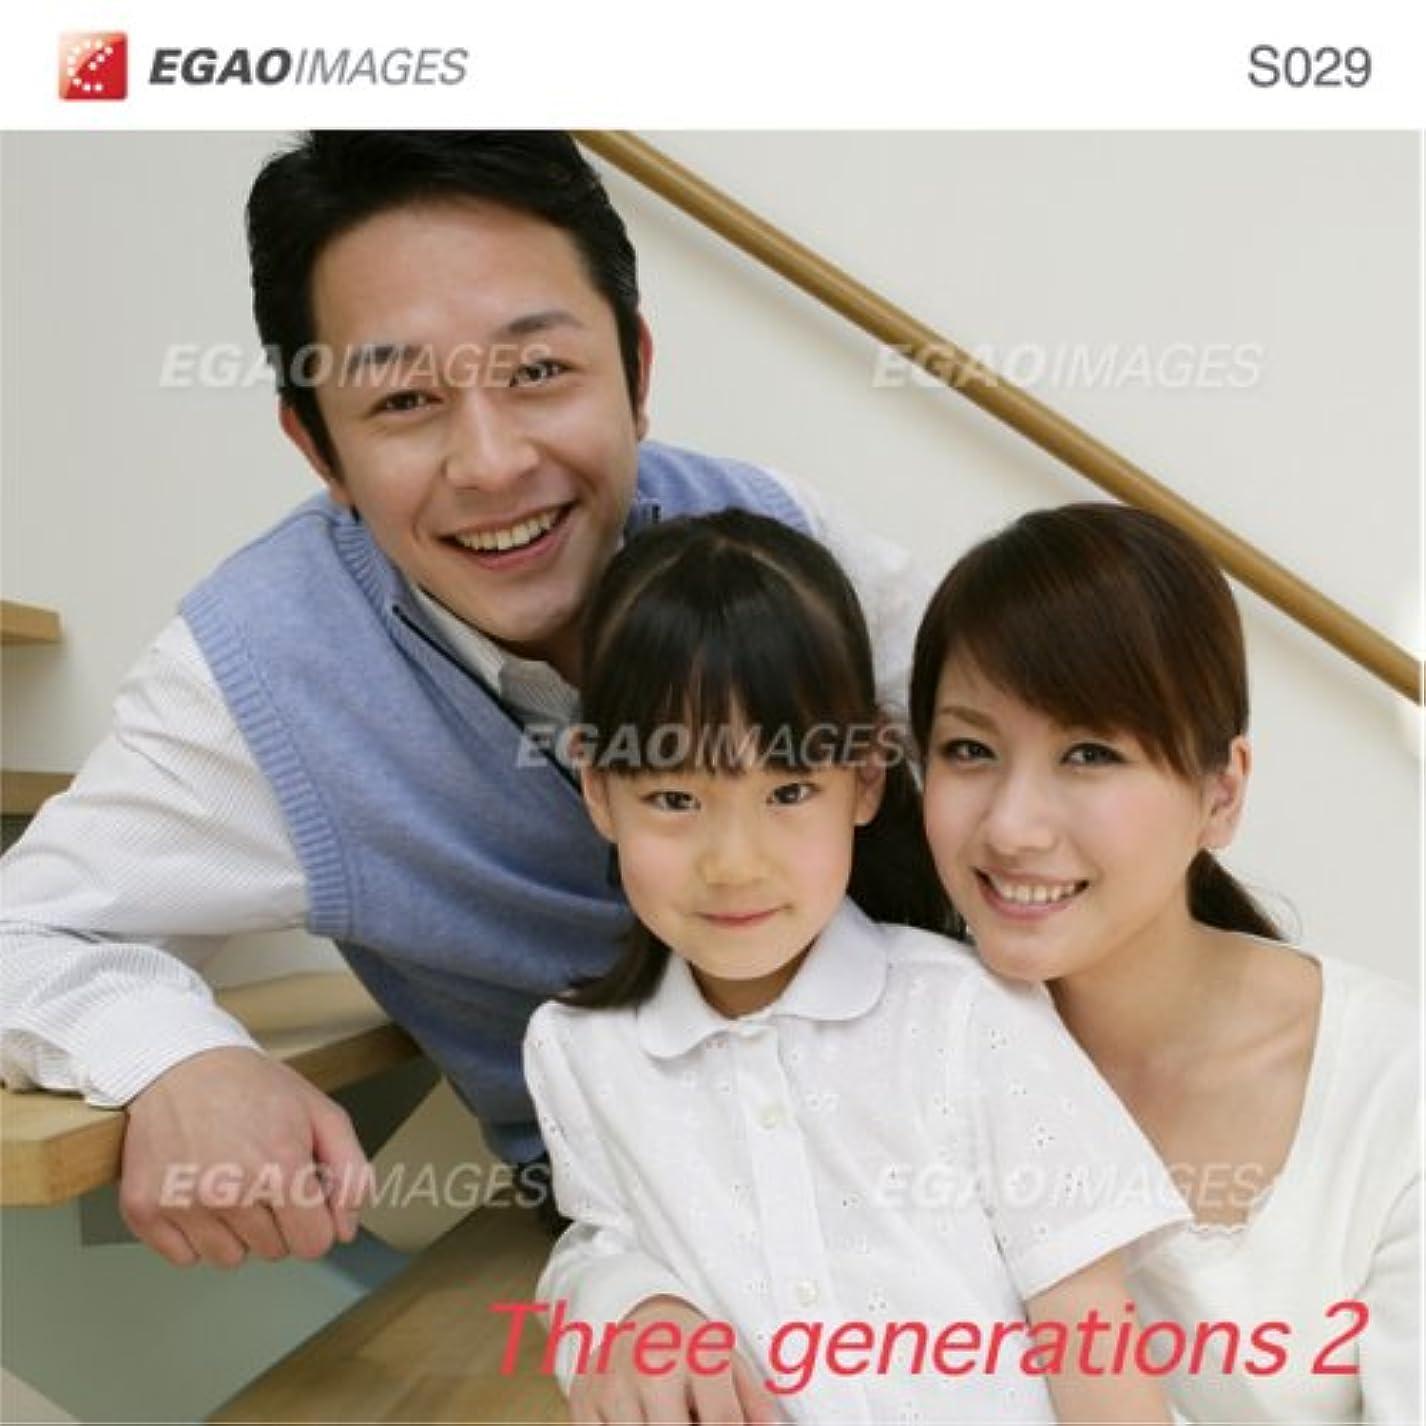 ディーラー信頼ゴミ箱を空にするEGAOIMAGES S029 ファミリー「三世代家族2」